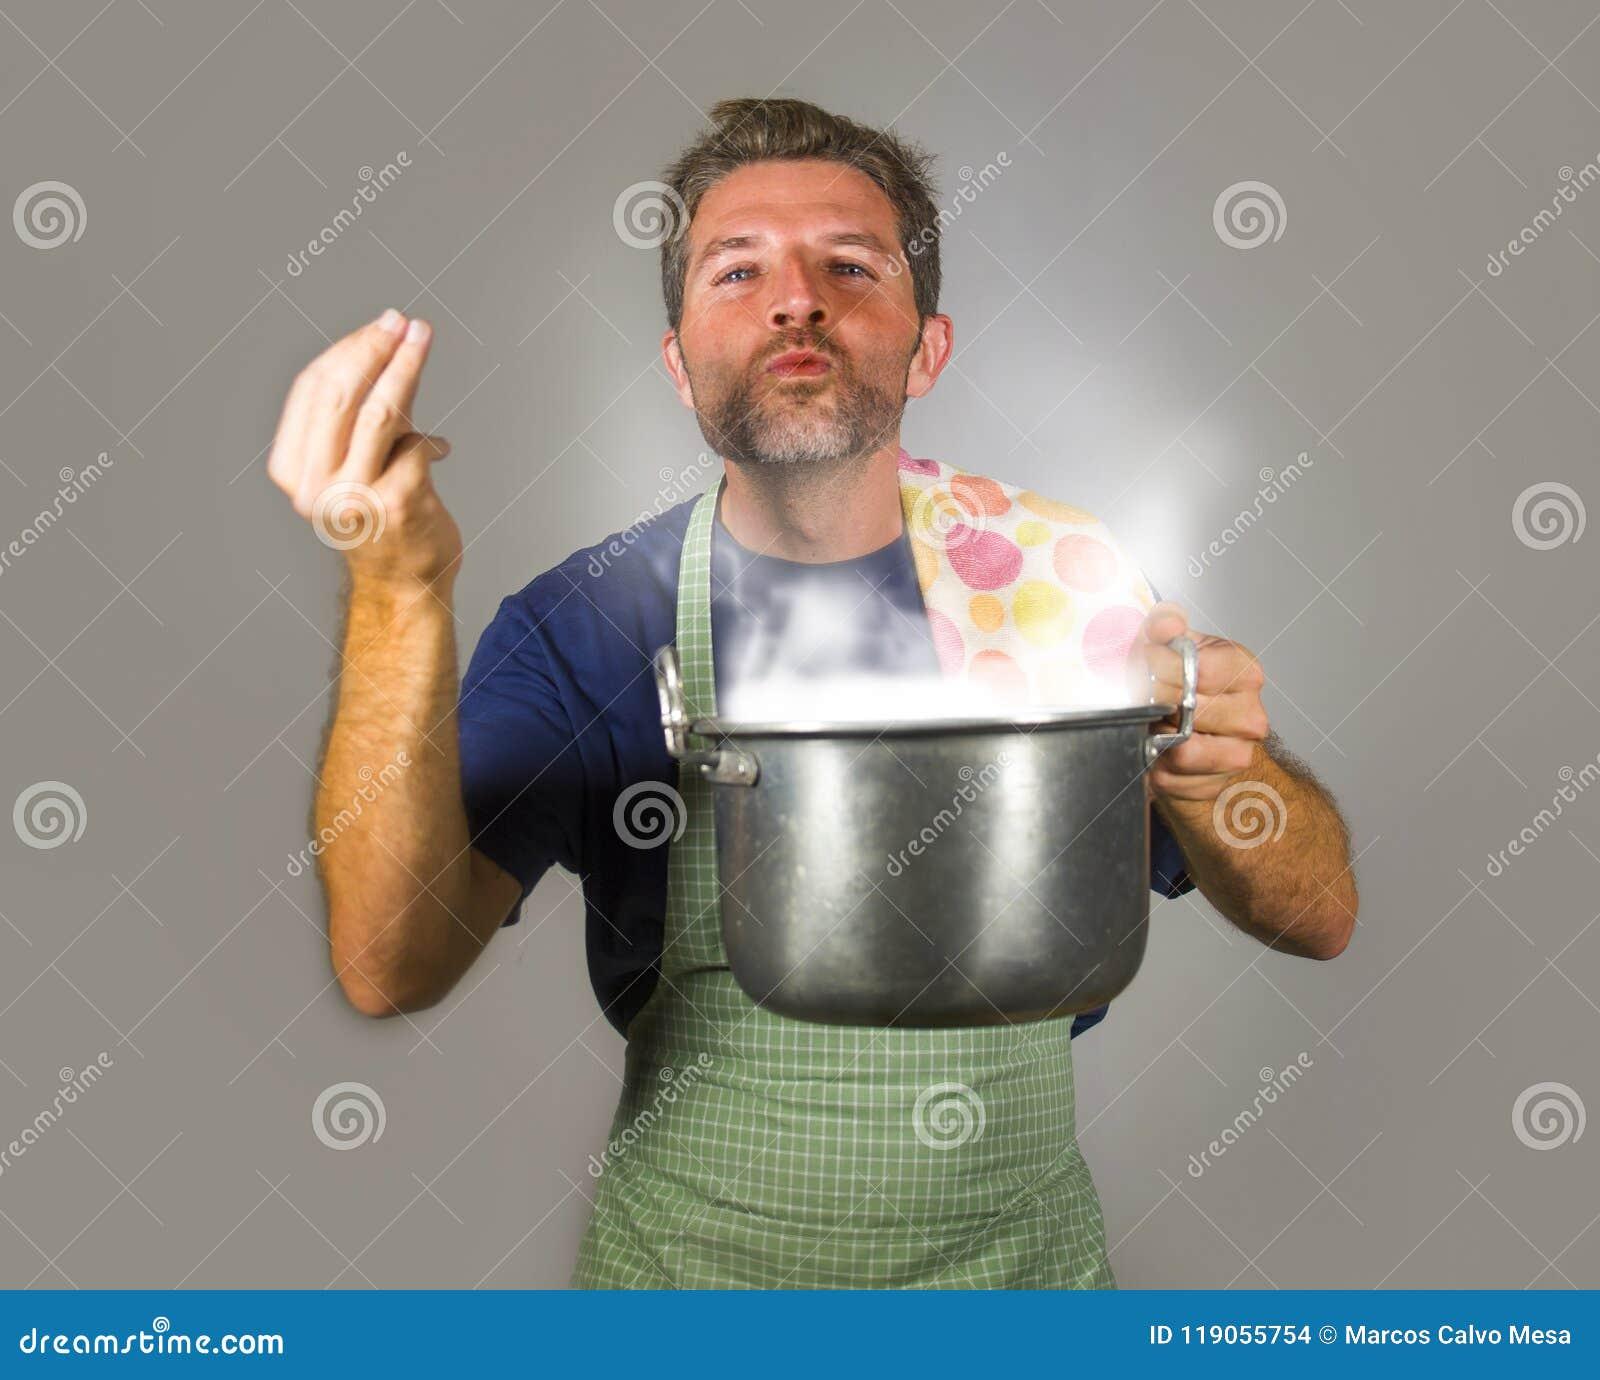 烹调汤的年轻可爱的愉快和骄傲的家庭厨师人拿着嗅到膳食芳香打手势欢欣和sa的厨房罐